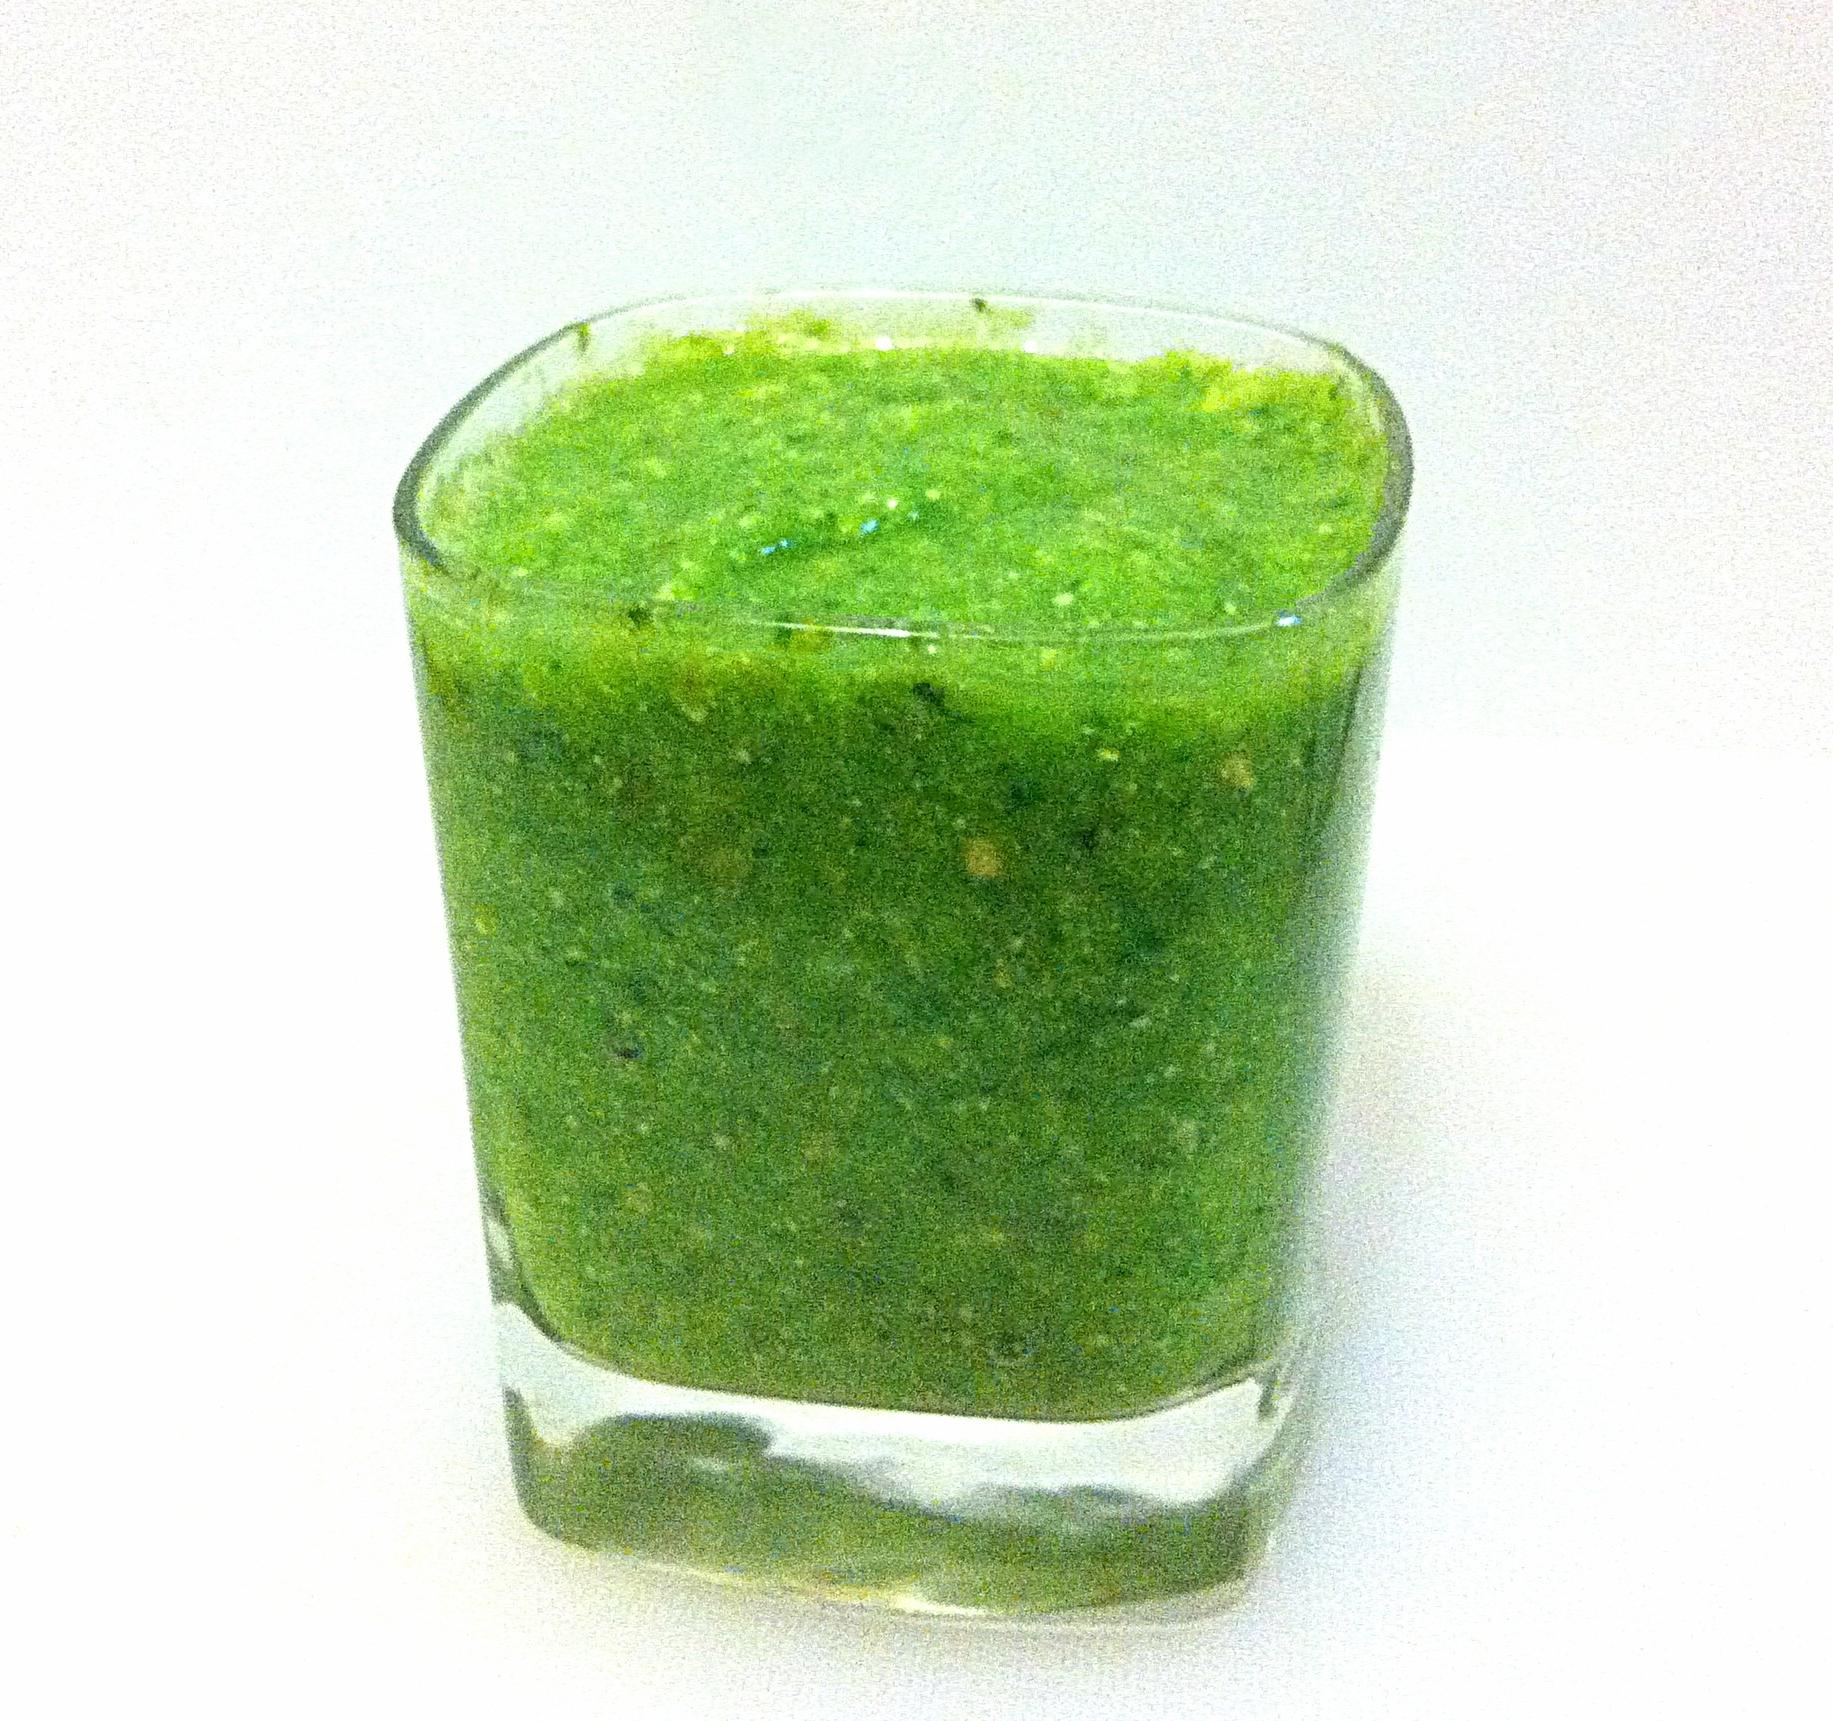 שייק גויאבה ירוק - פצצת ויטמין סי! מתכון של יעלי שוחט